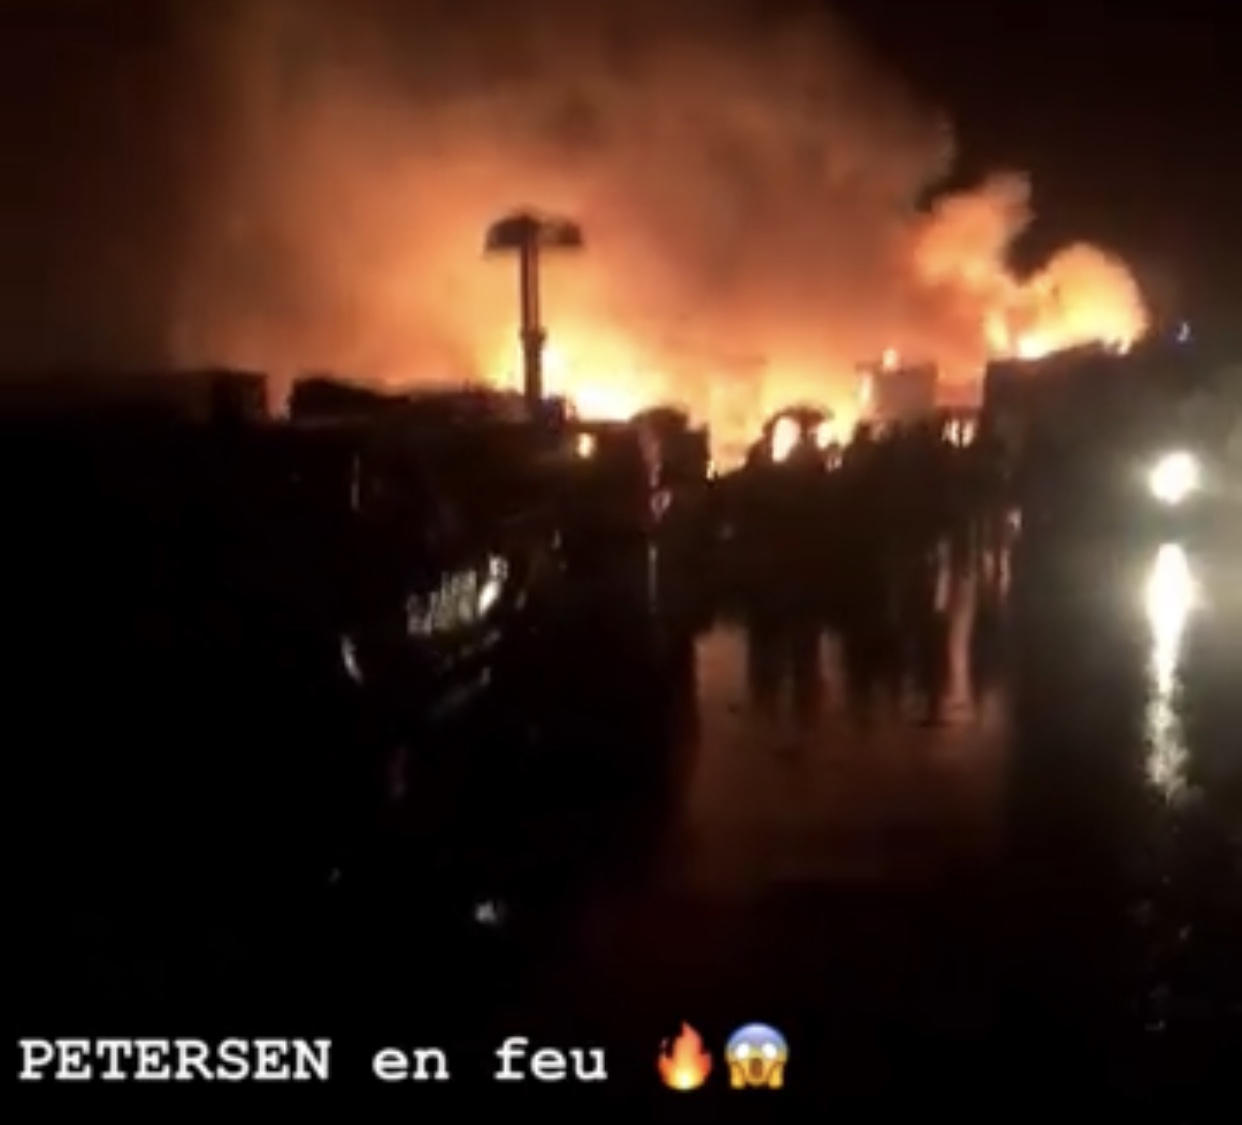 Incendie à la Gare Petersen : Plusieurs millions partis en fumée